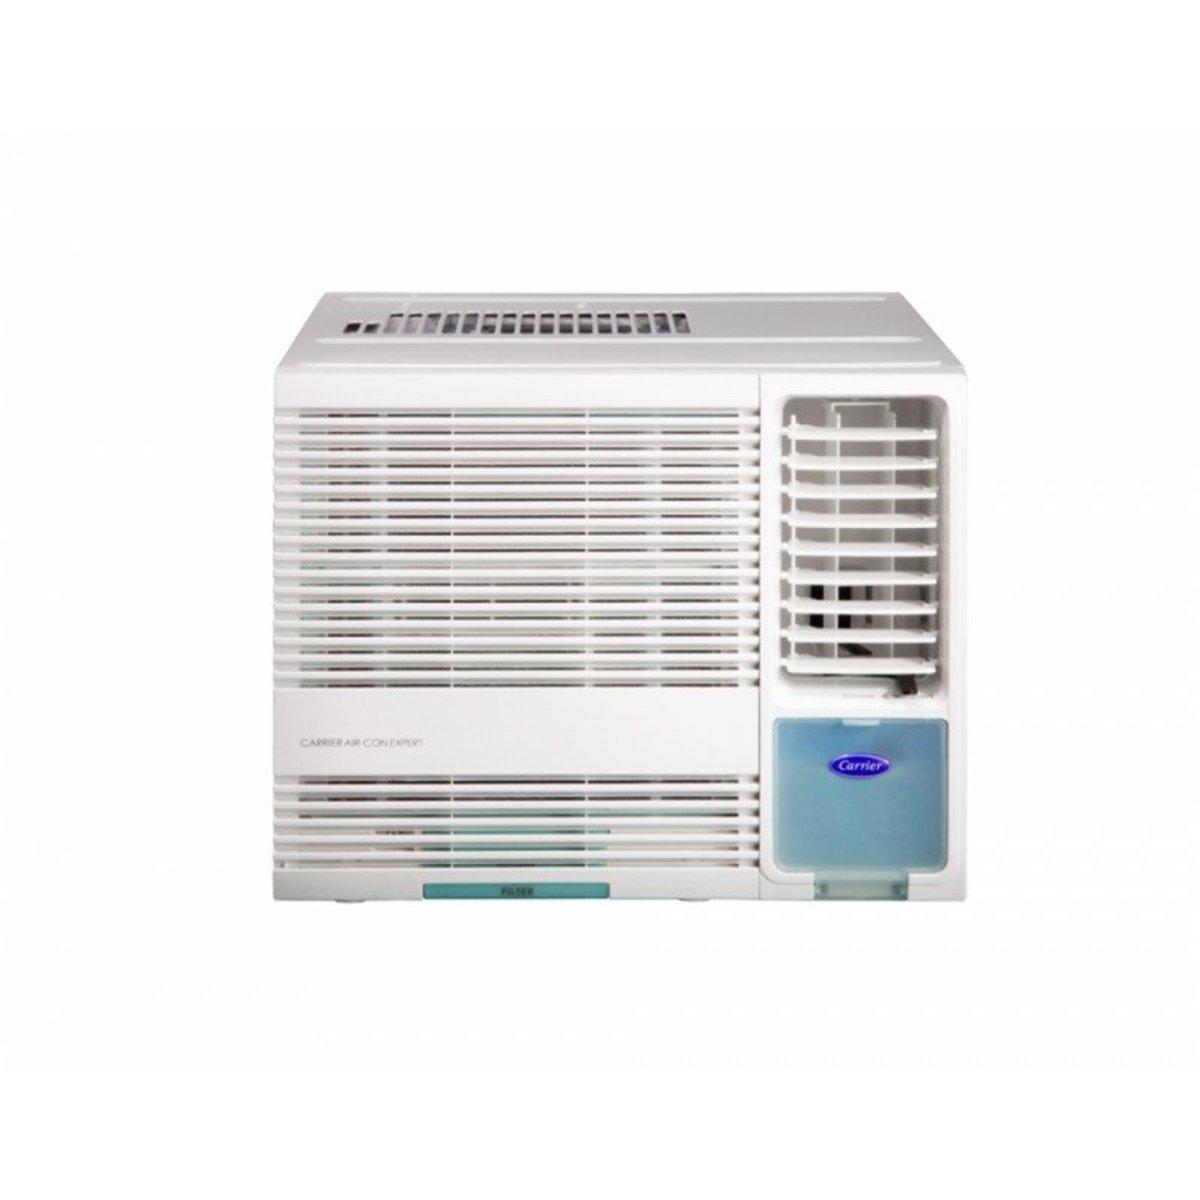 開利 CHK12LNE 1.5匹窗口式冷氣機